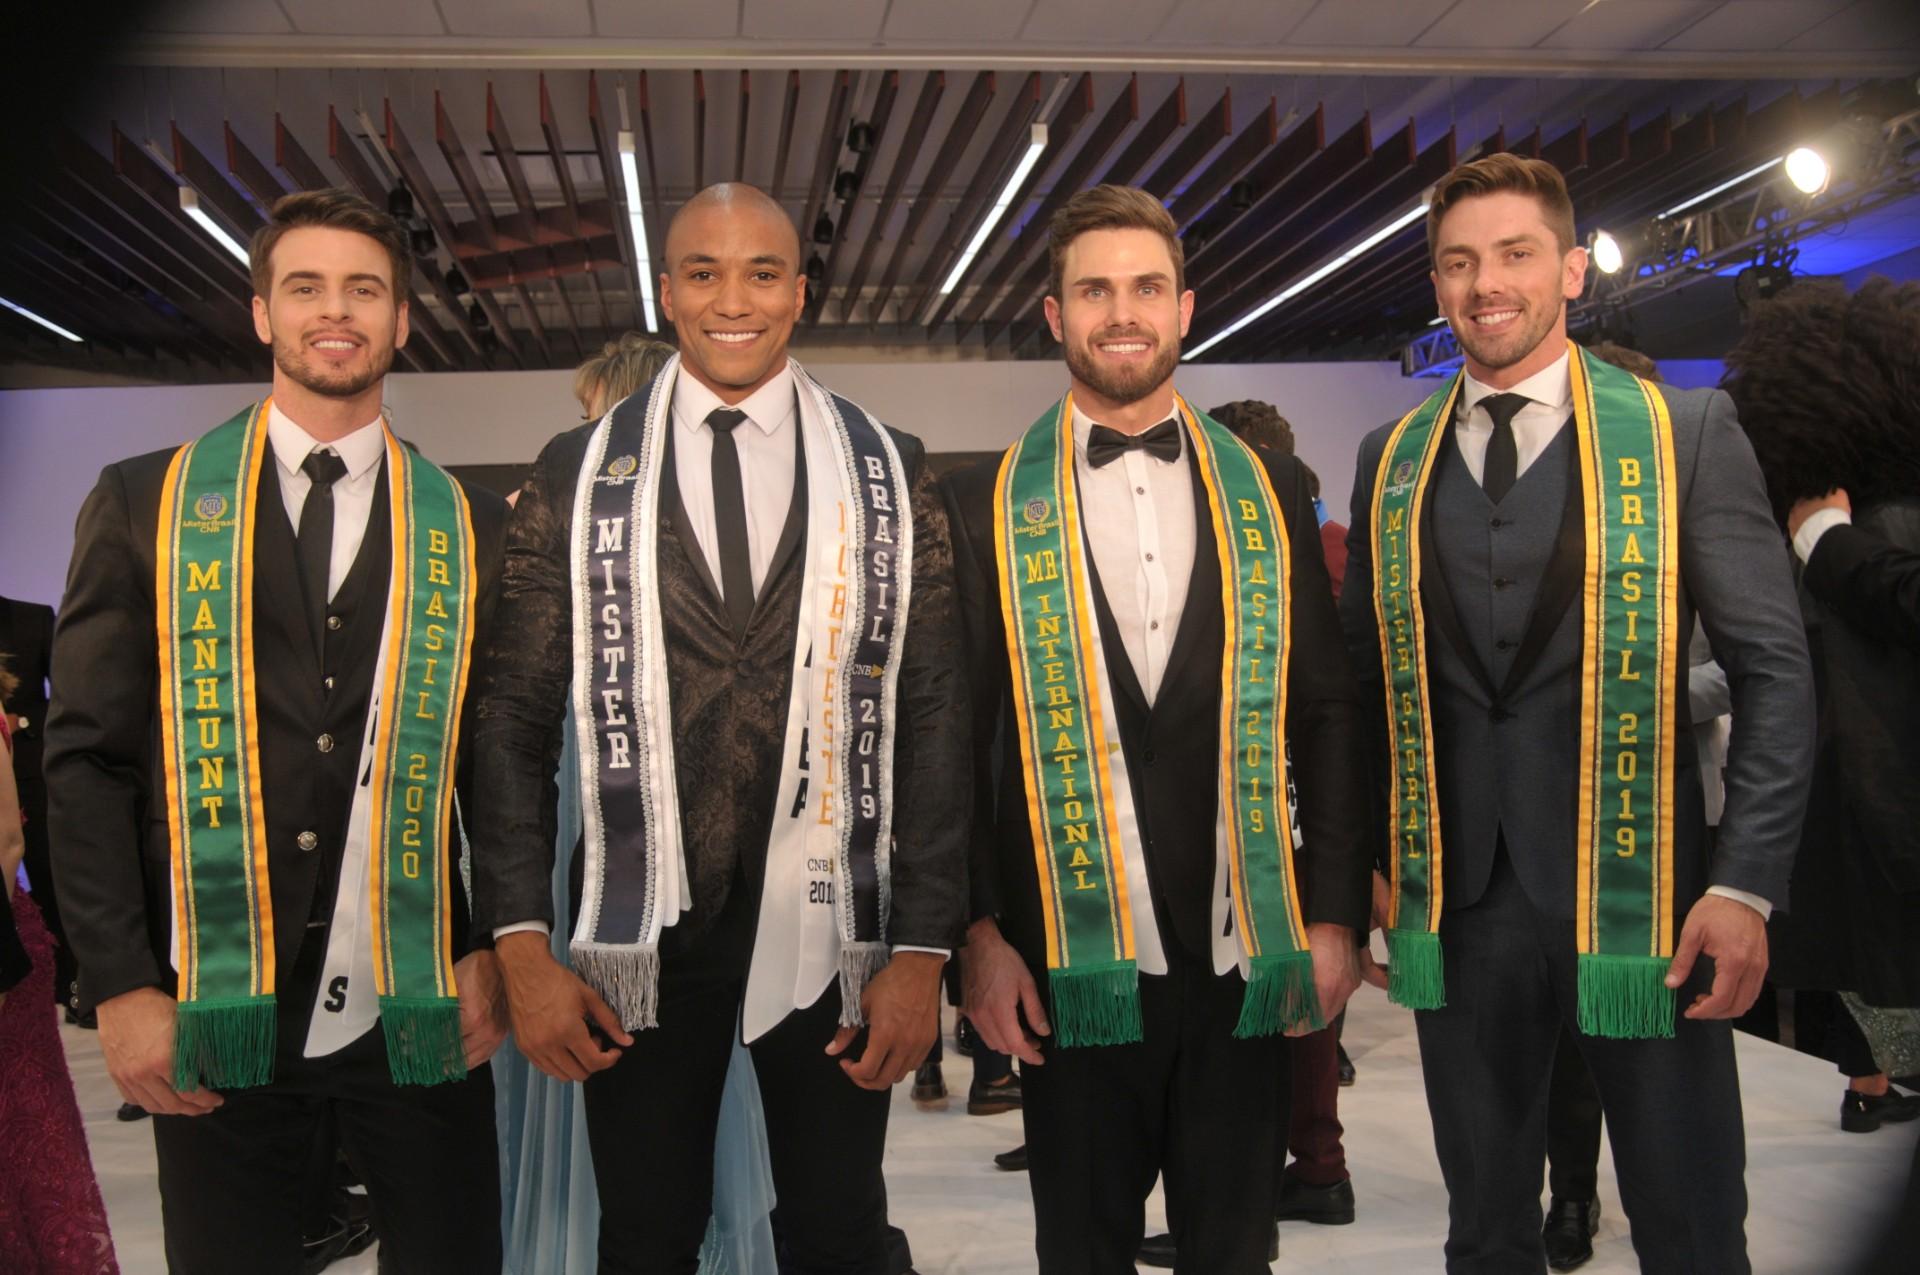 """4 dos nossos 5 representantes do """"Grand Slam"""": Matheus Giora (Manhunt International), Ítalo Cerqueira (Mister Supranational), Luan Antonelli ( Mister International) e Gil Raupp (Mister Global)."""